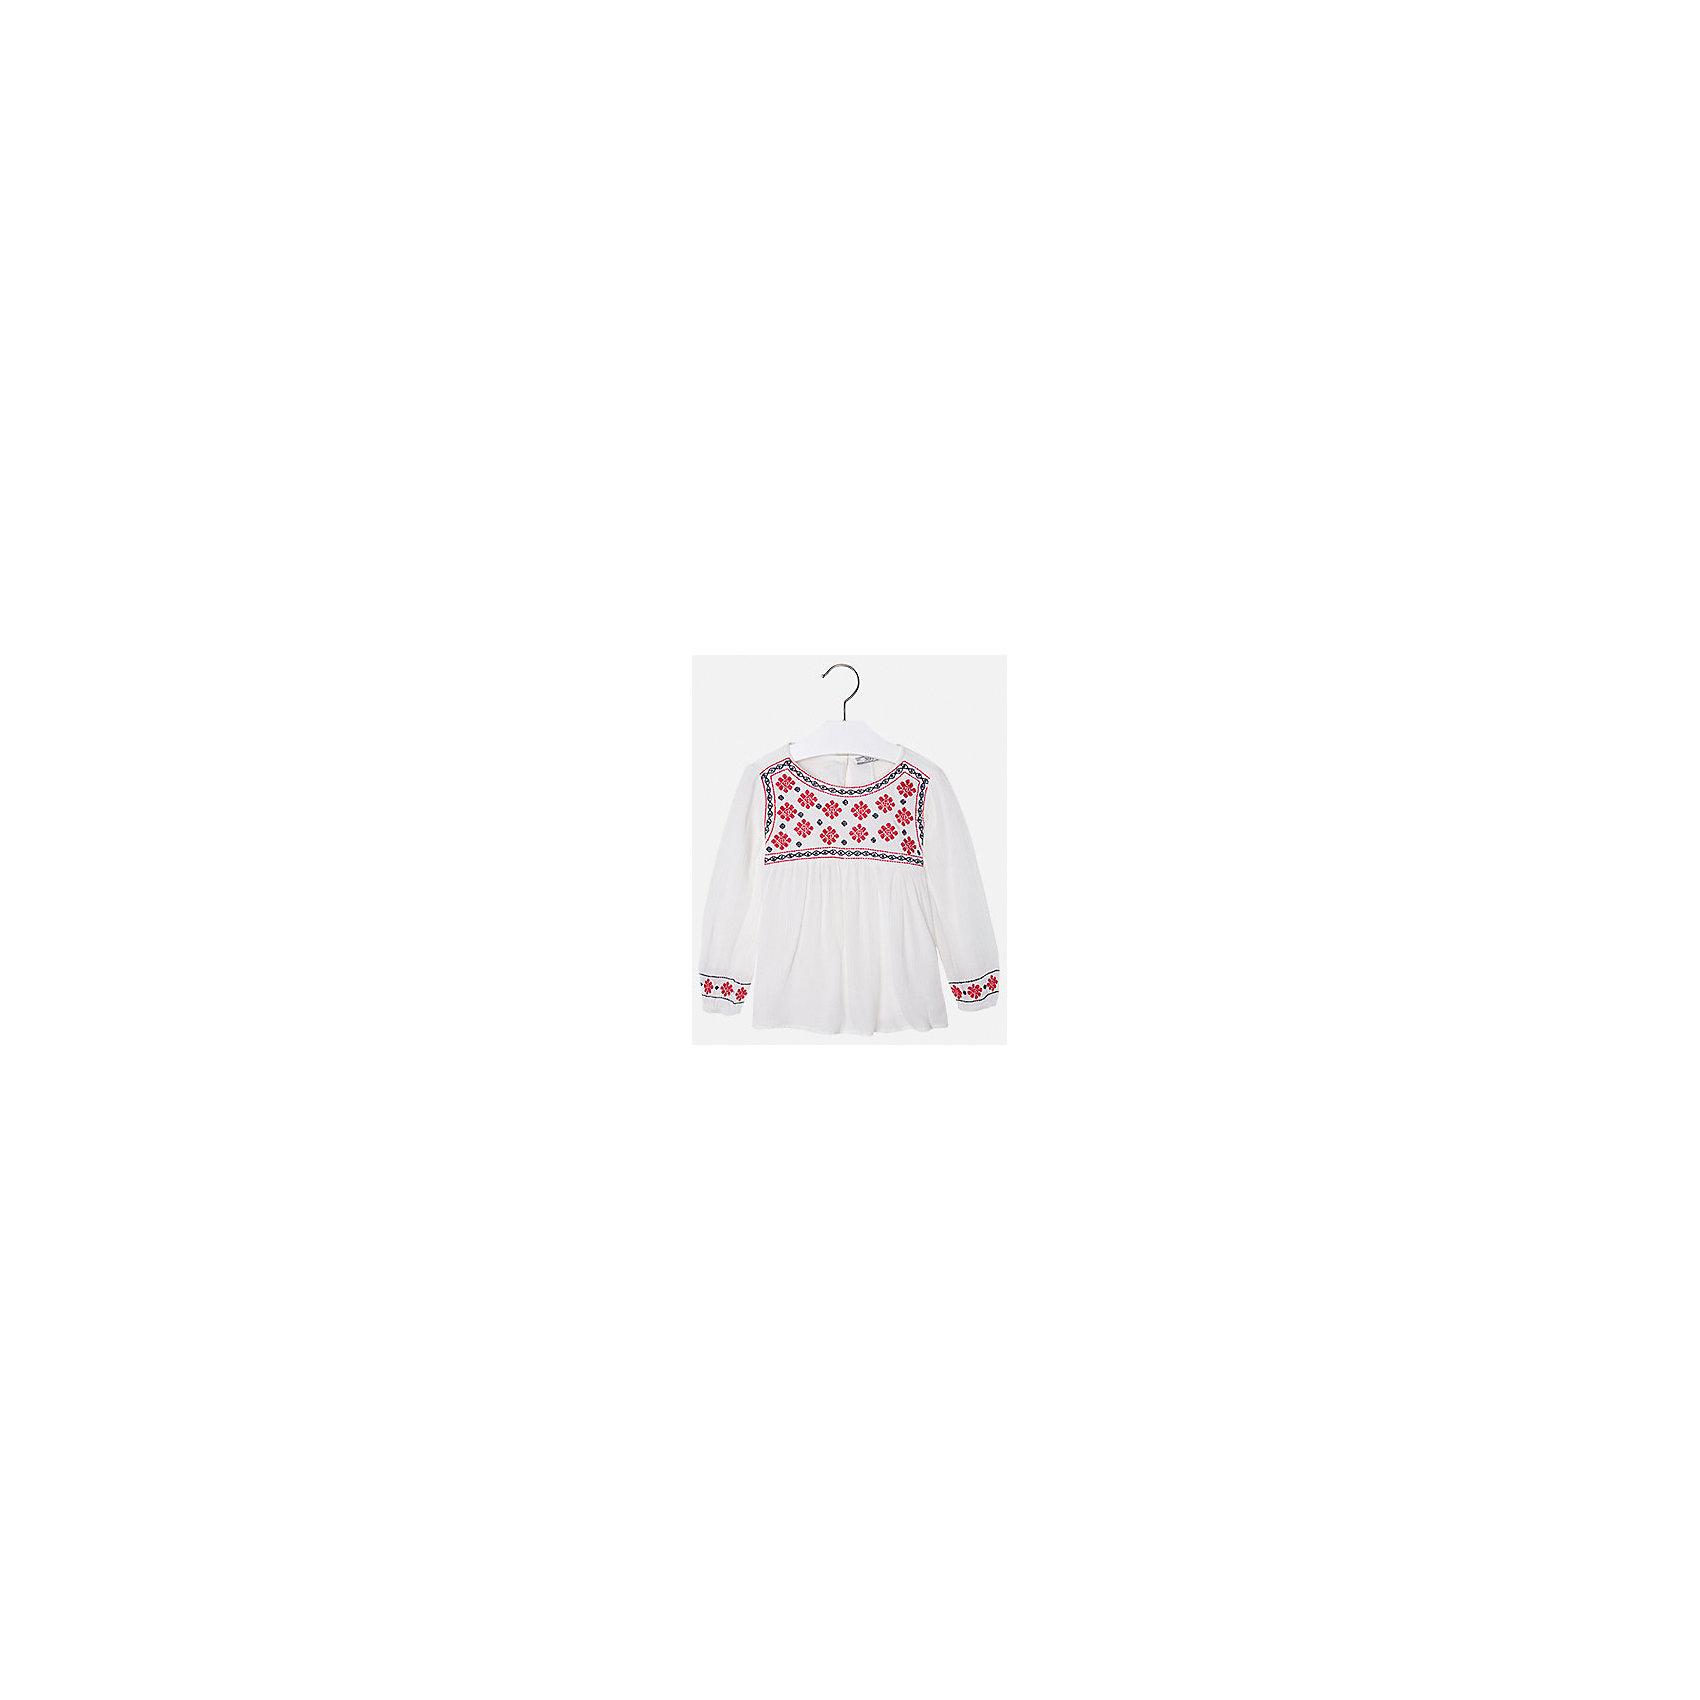 Рубашка для девочки MayoralМодная рубашка от популярного испанского бренда Mayoral (Майорал) для девочки. Изделие выполнено из натурального гипоаллергенного тонкого материала с мягкой подкладкой, очень приятной к телу, и обладает следующими особенностями:<br>- стильная клетка;<br>- воротник на стойке с фиксированными уголками;<br>- 1 нагрудный карман;<br>- традиционная застежка - пуговицы;<br>- закруглённый низ;<br>- тонкая подкладка в полоску.<br><br>Состав:<br>верх: 100% хлопок<br>подкладка: 100% хлопок<br><br>Рубашку Mayoral (Майорал) можно купить в нашем магазине<br><br>Ширина мм: 174<br>Глубина мм: 10<br>Высота мм: 169<br>Вес г: 157<br>Цвет: зеленый<br>Возраст от месяцев: 36<br>Возраст до месяцев: 48<br>Пол: Женский<br>Возраст: Детский<br>Размер: 104,92,128,110,116,98,122,128,134<br>SKU: 3757377